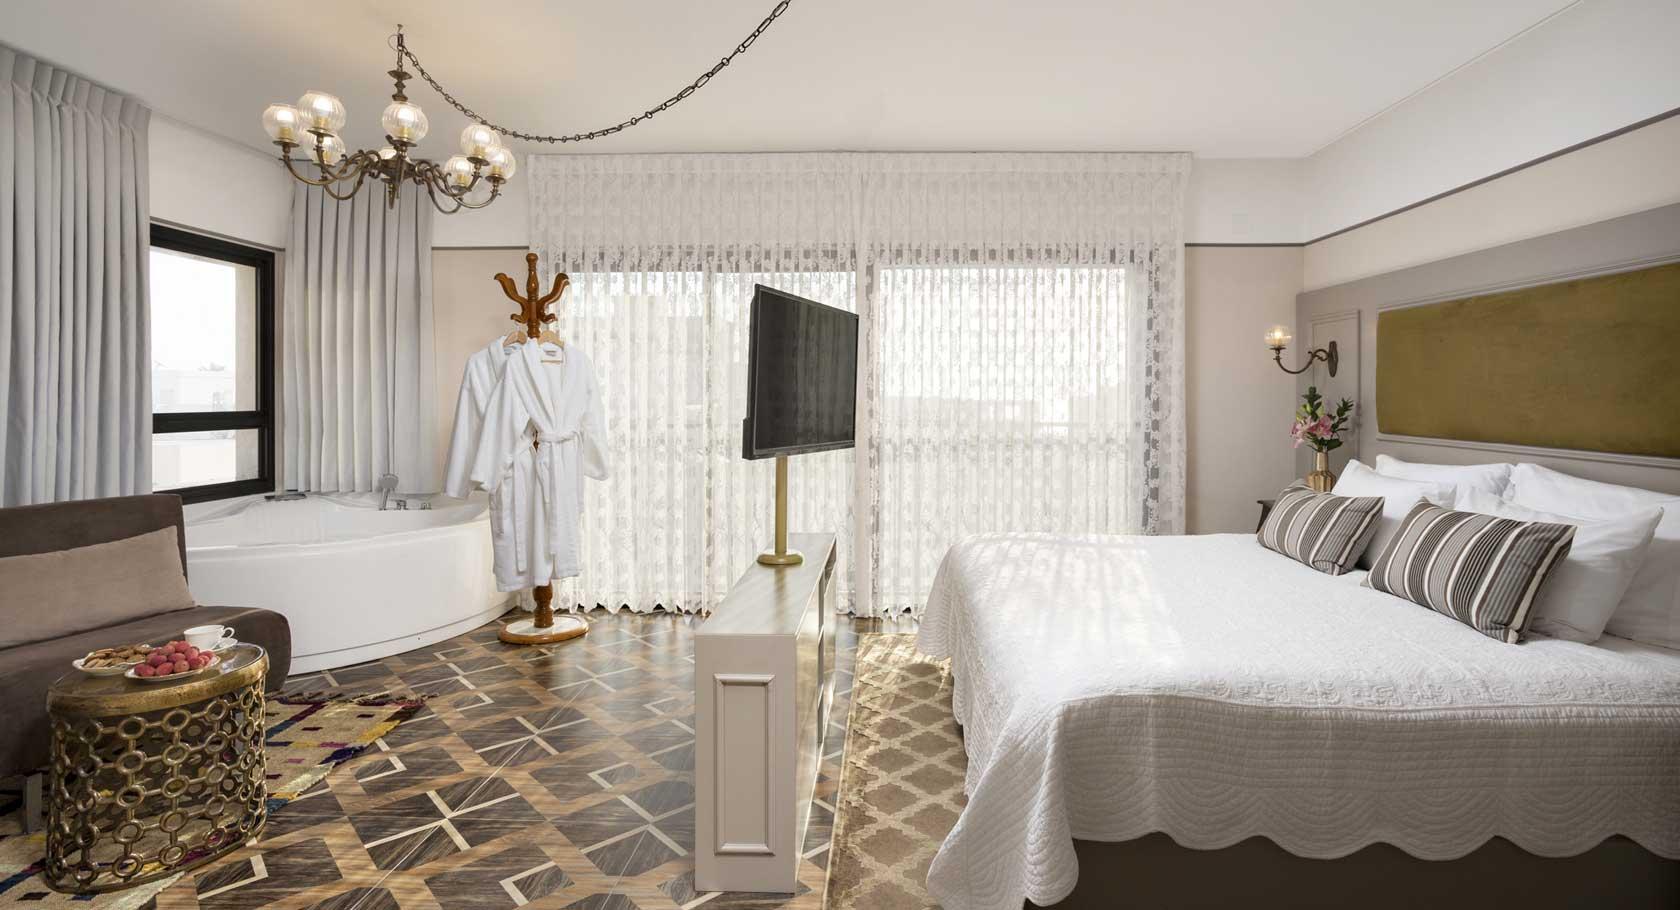 מלון שטרקמן ארנה נהריה סוויטה רומנטית